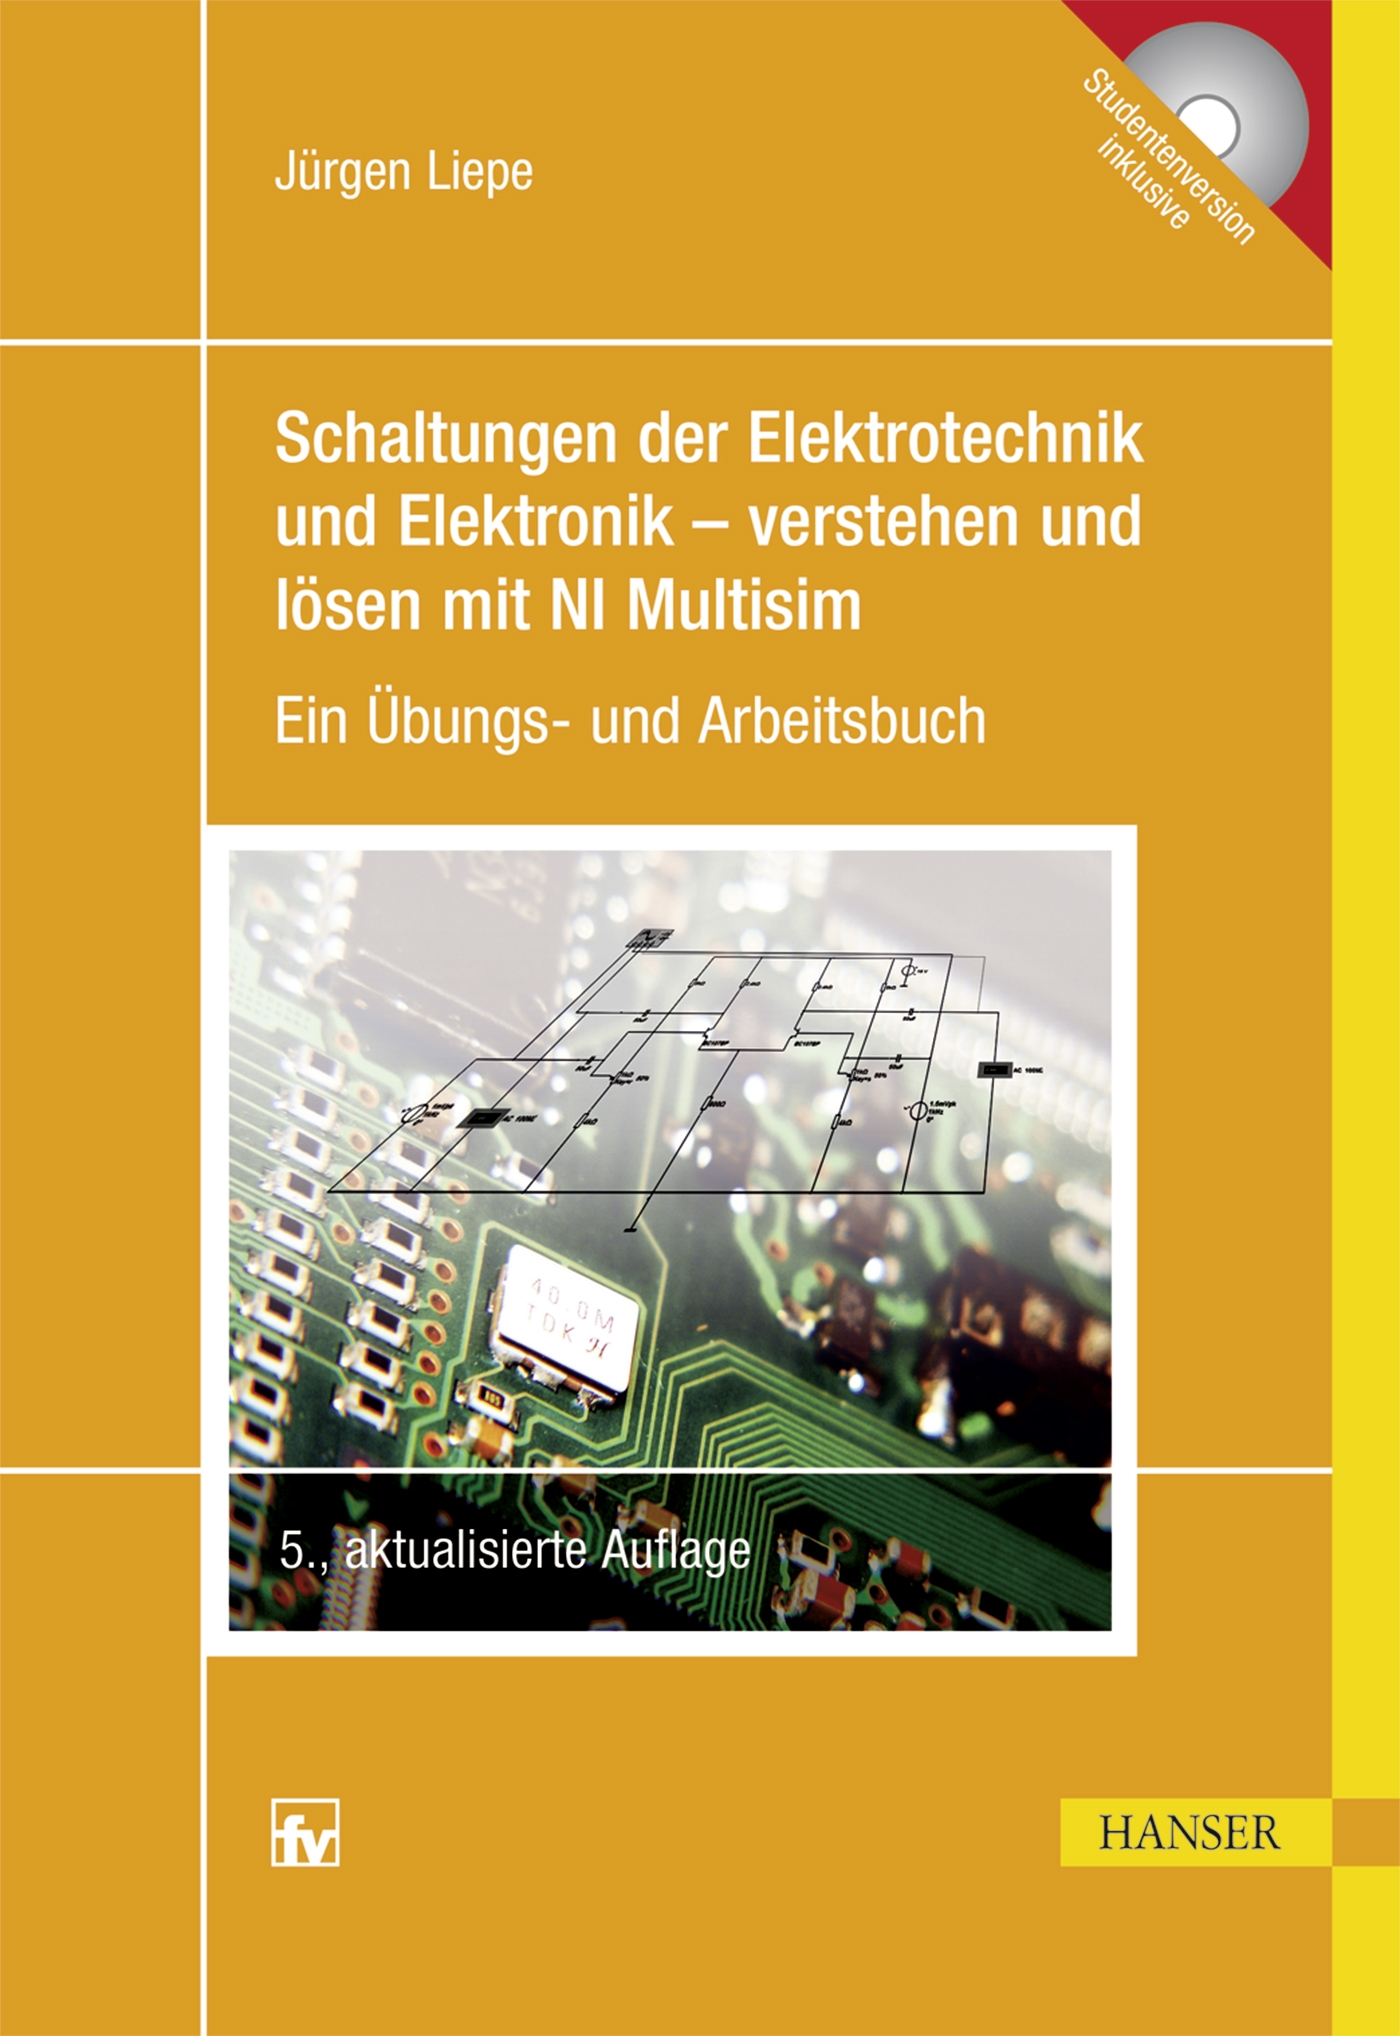 Schaltungen der Elektrotechnik und Elektronik – verstehen und lösen